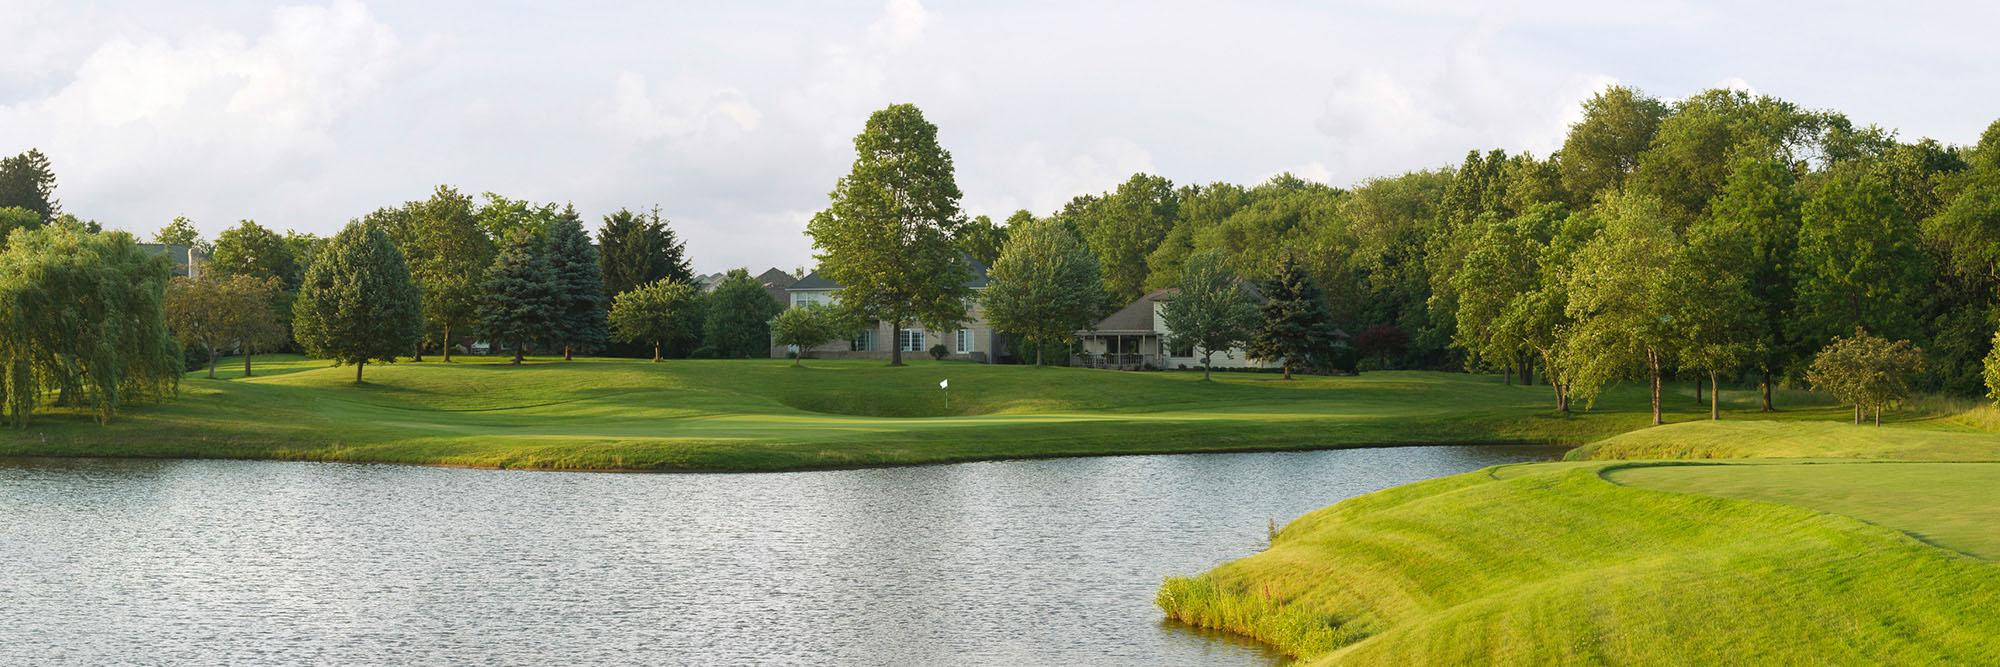 Golf Course Image - Glenmoor Country Club No. 14